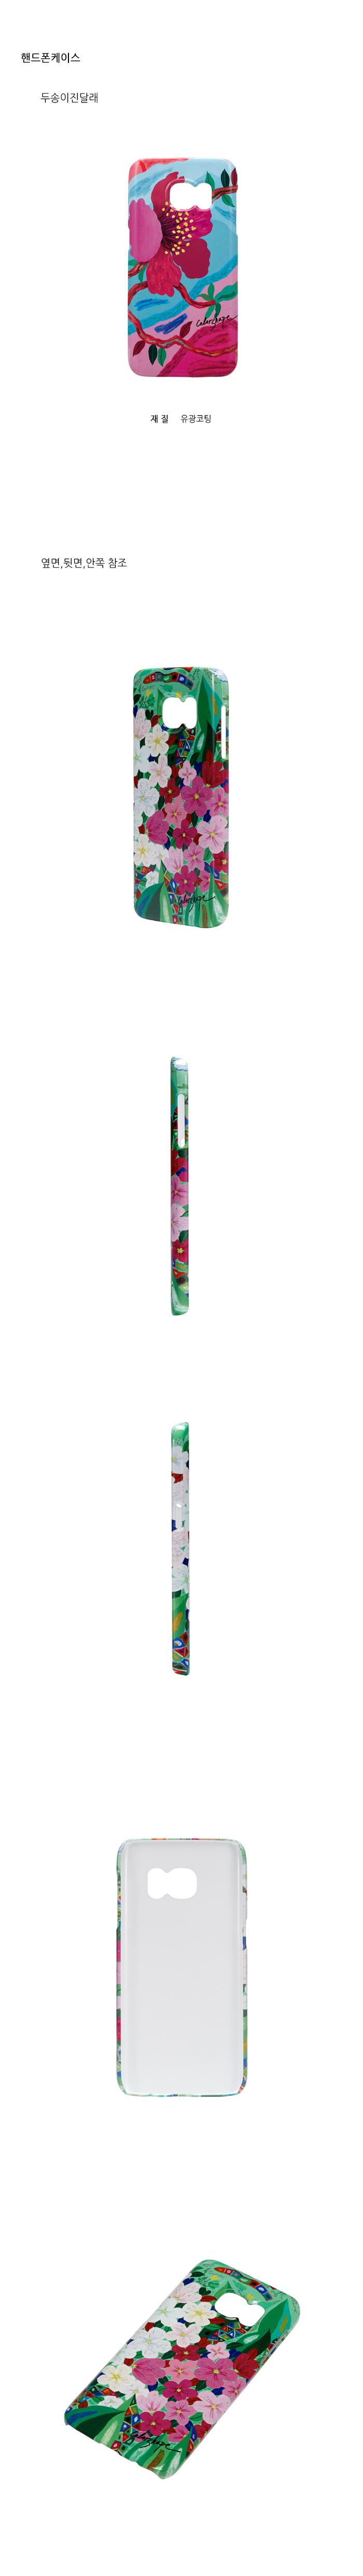 아이폰 X_HP케이스_두송이진달래 - 색상, 24,000원, 케이스, 아이폰X